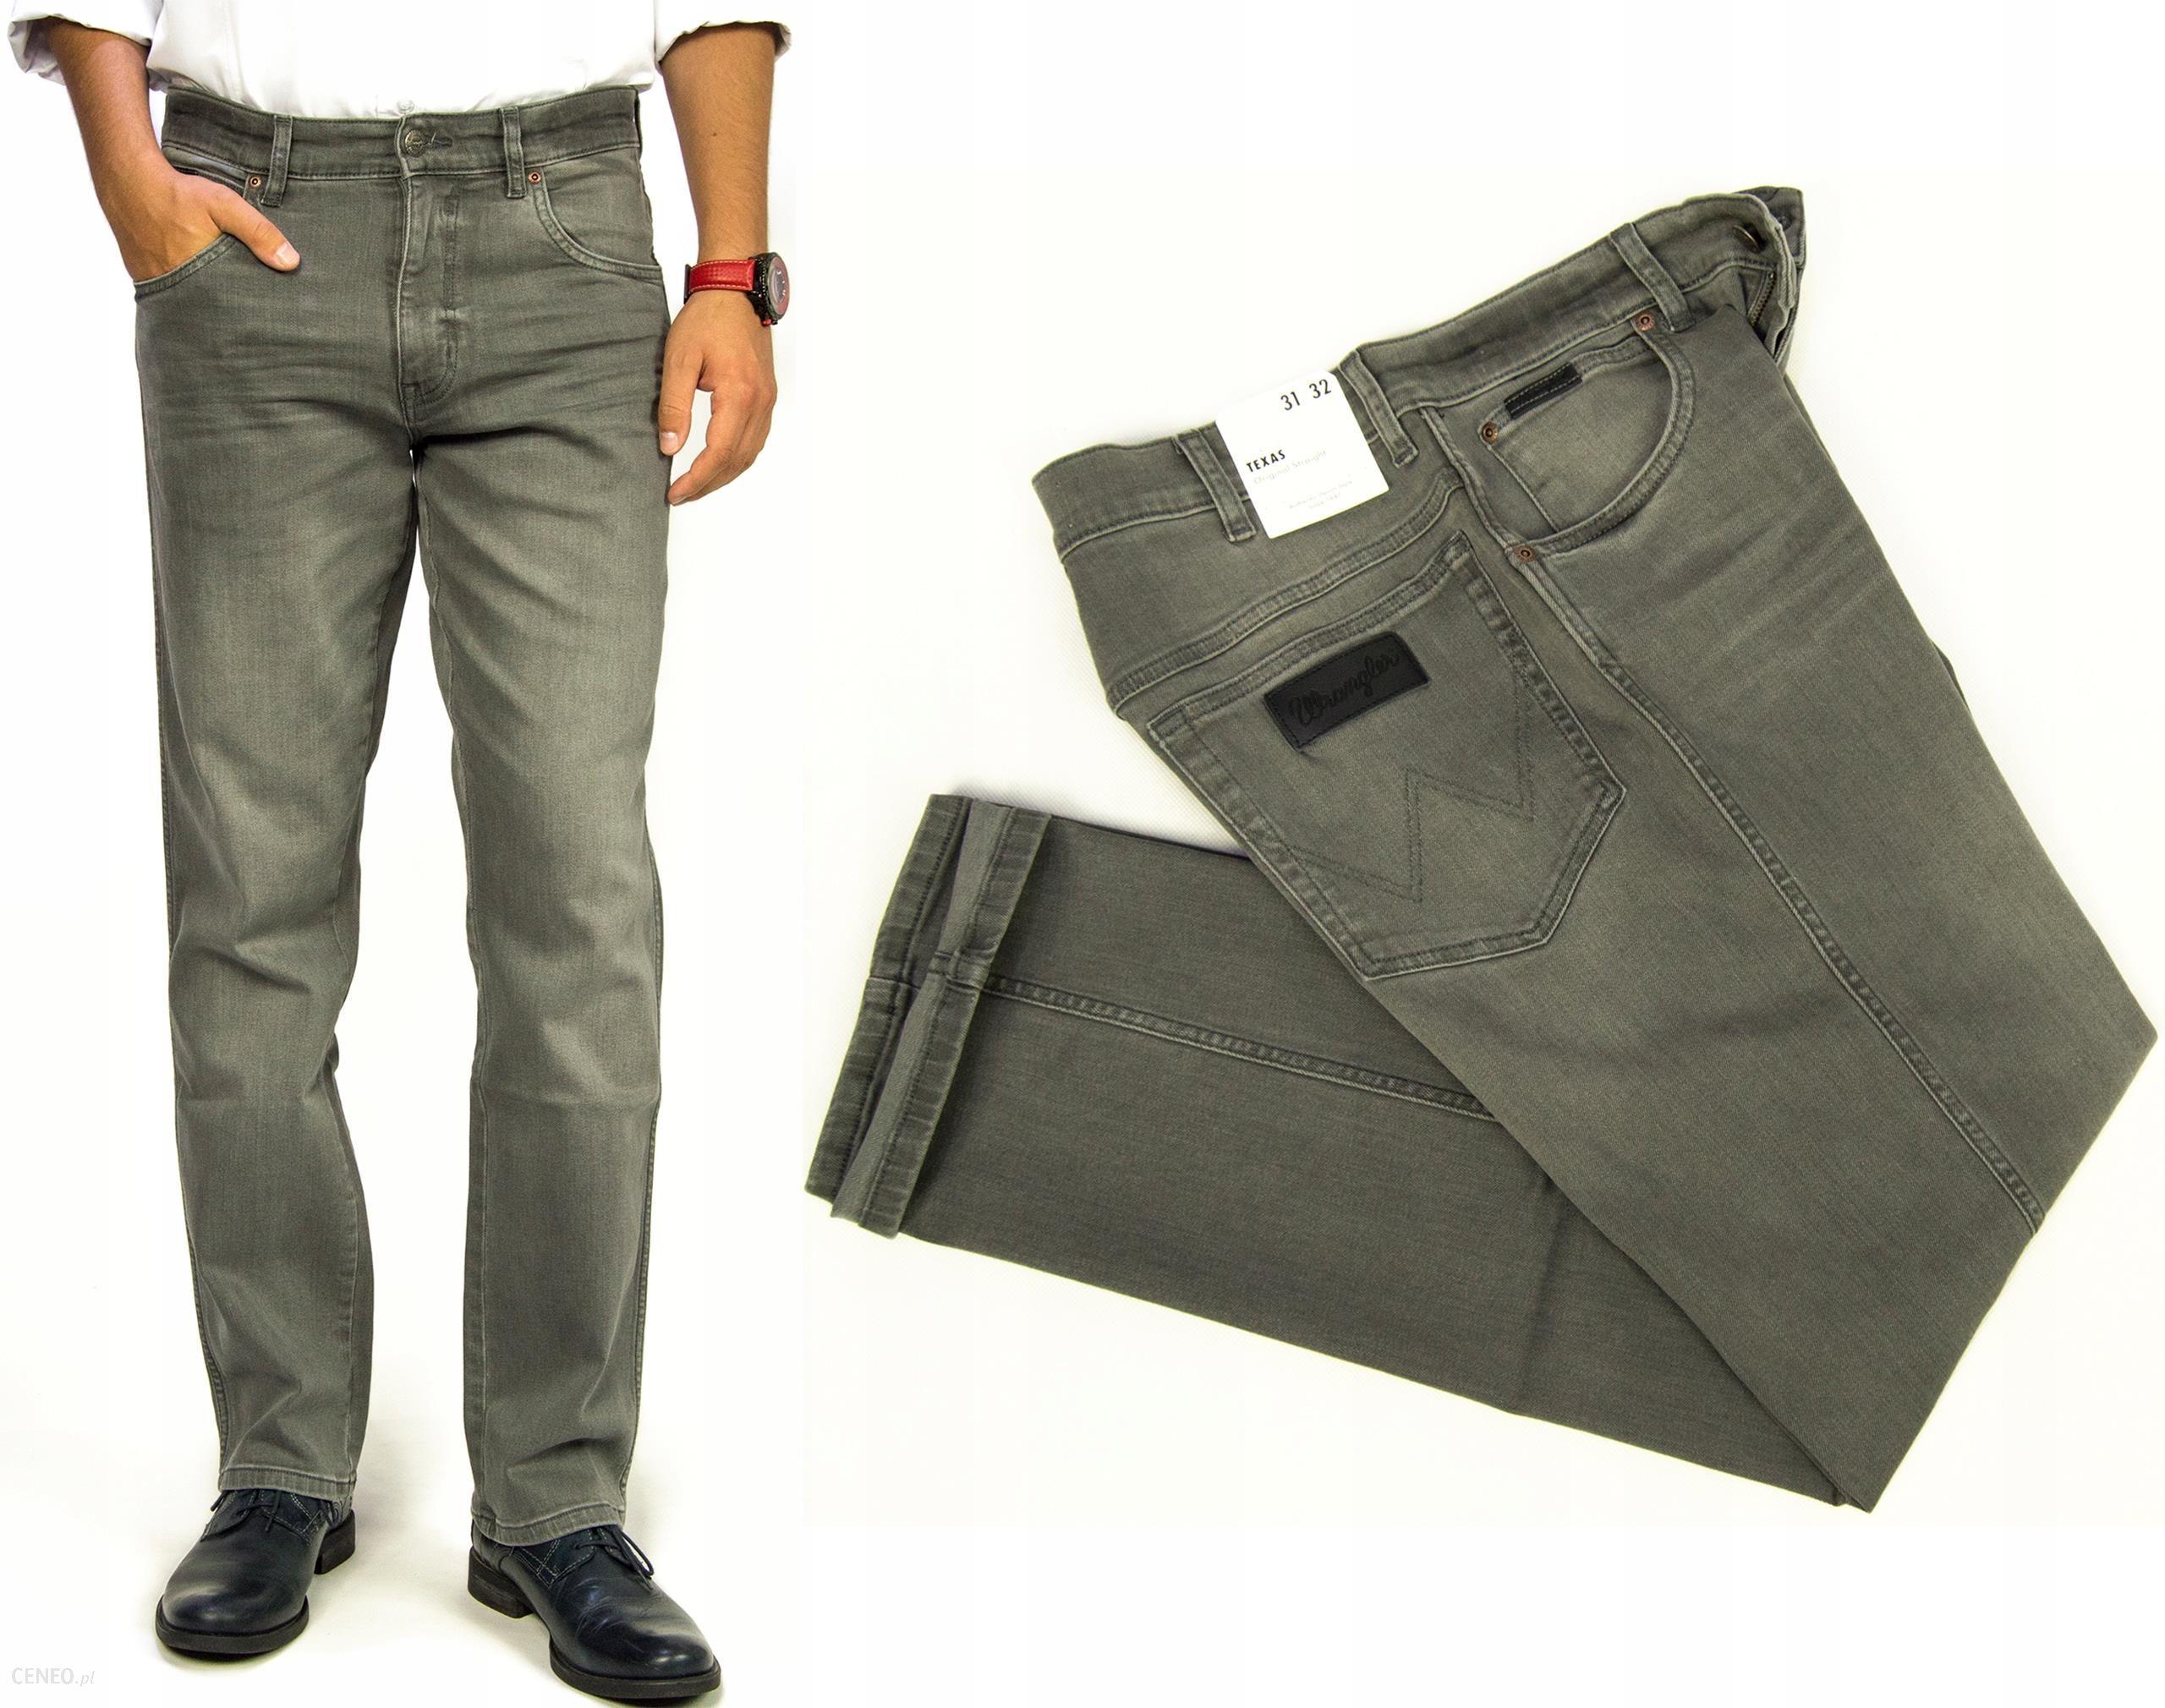 e91c0b672bef5 Wrangler Texas Silver Bullit spodnie jeans W32 L30 - Ceny i opinie ...